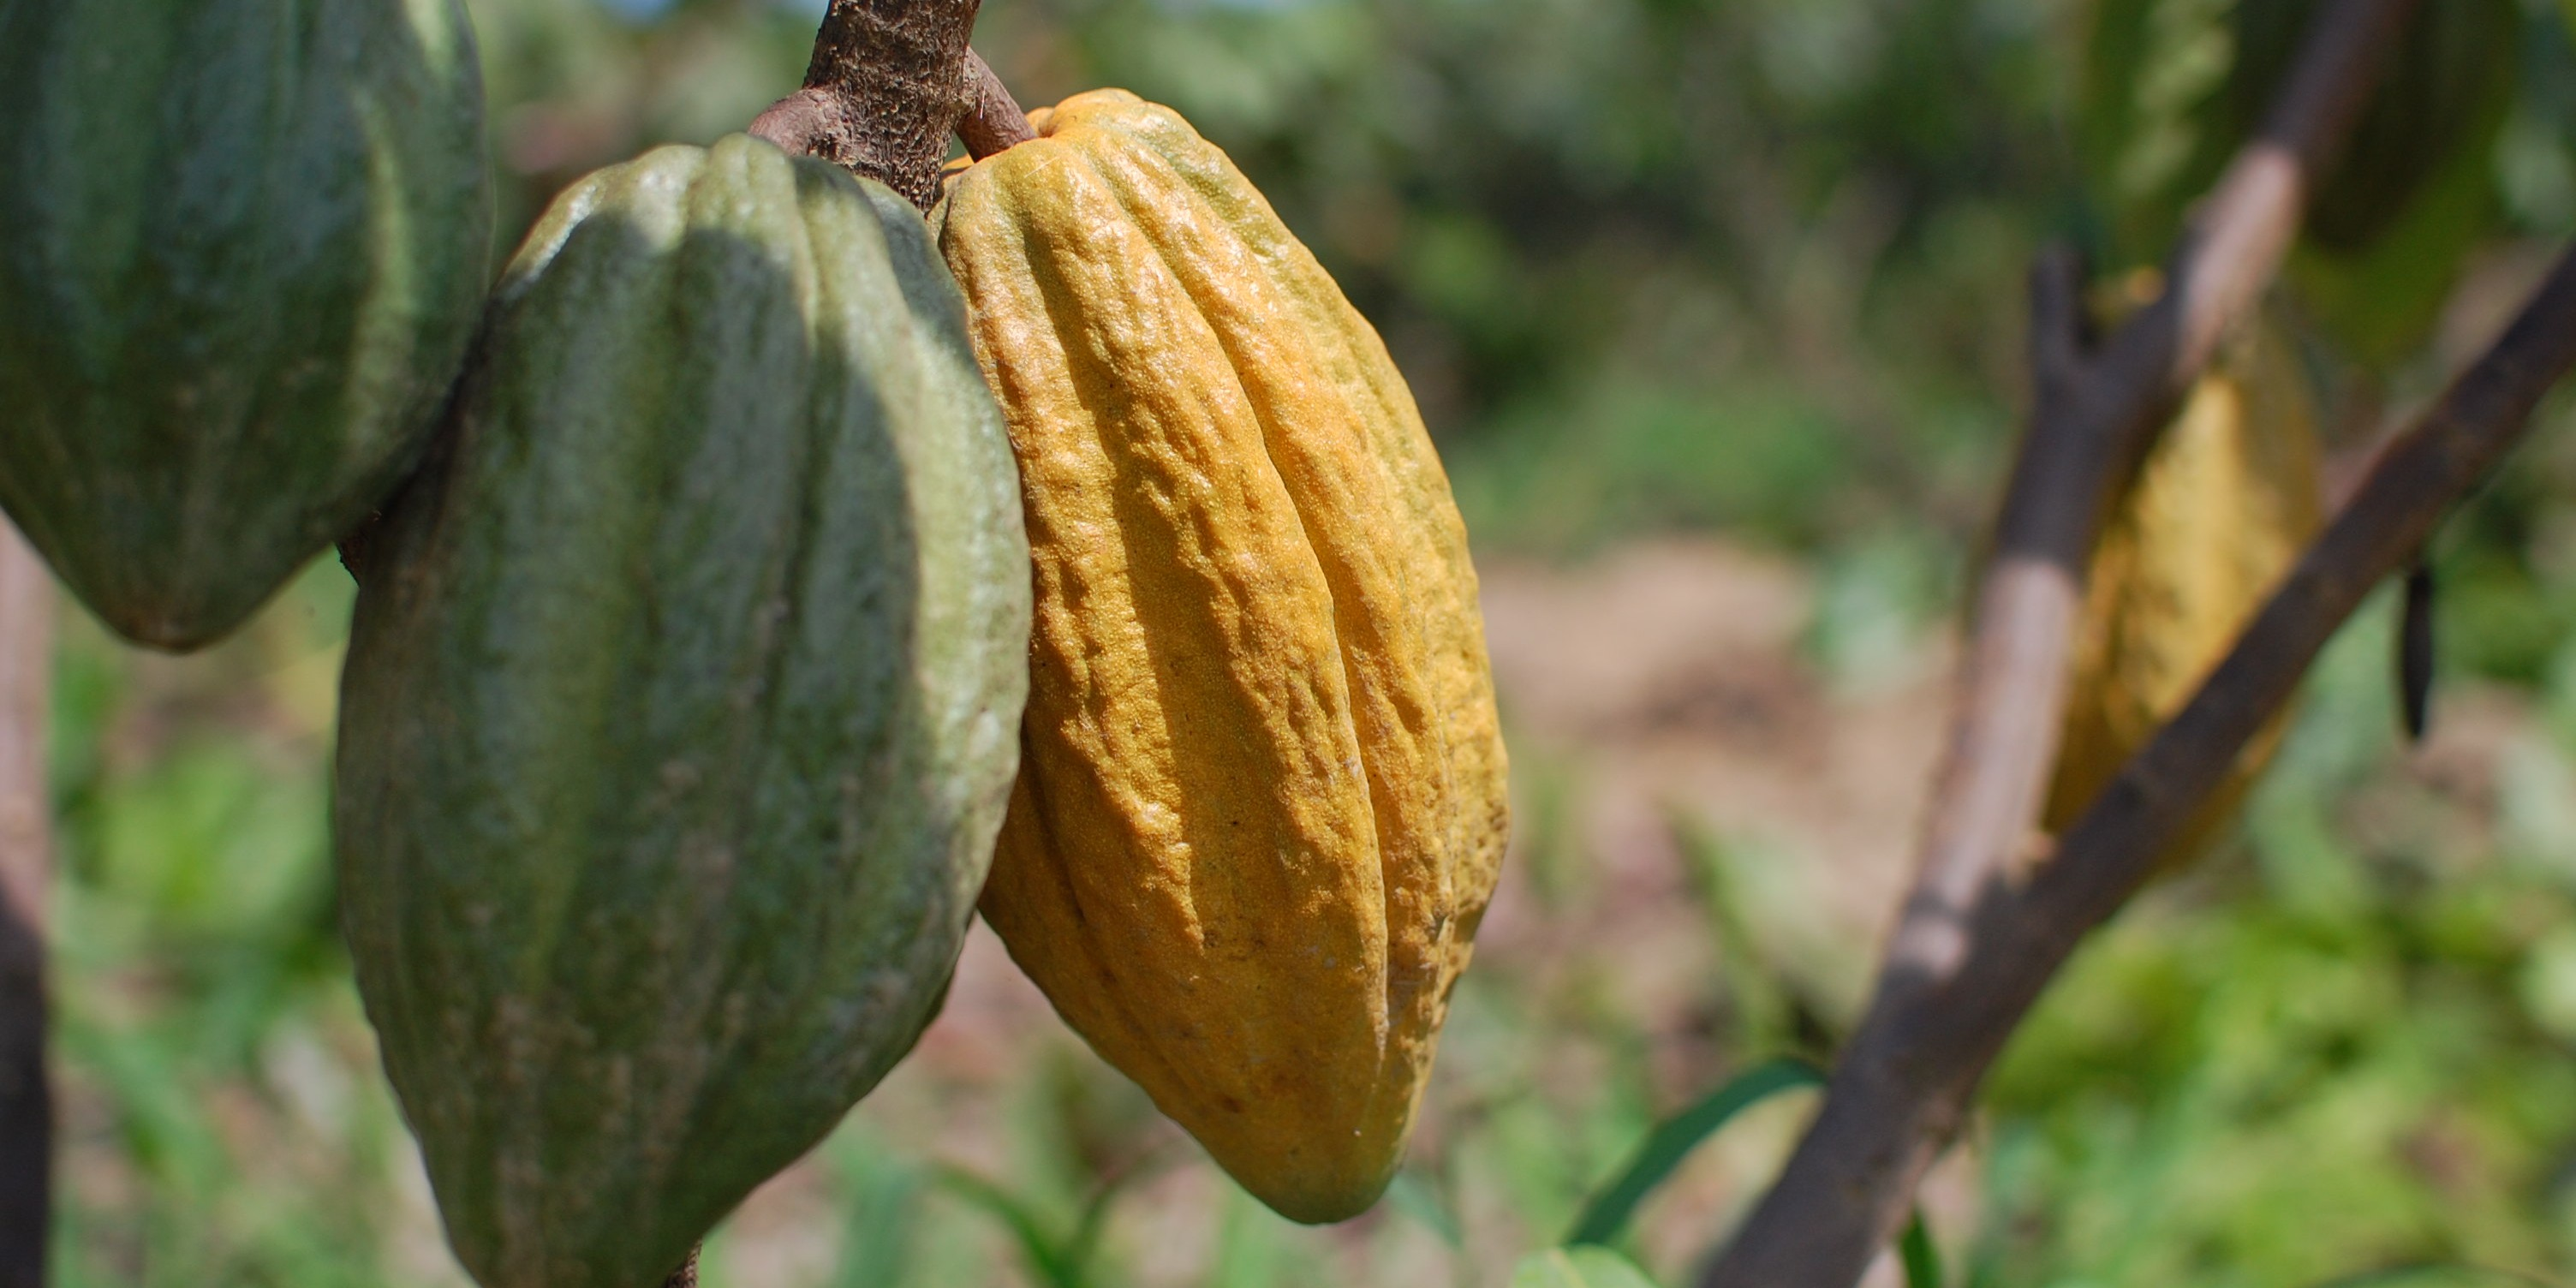 Kakaove lusky